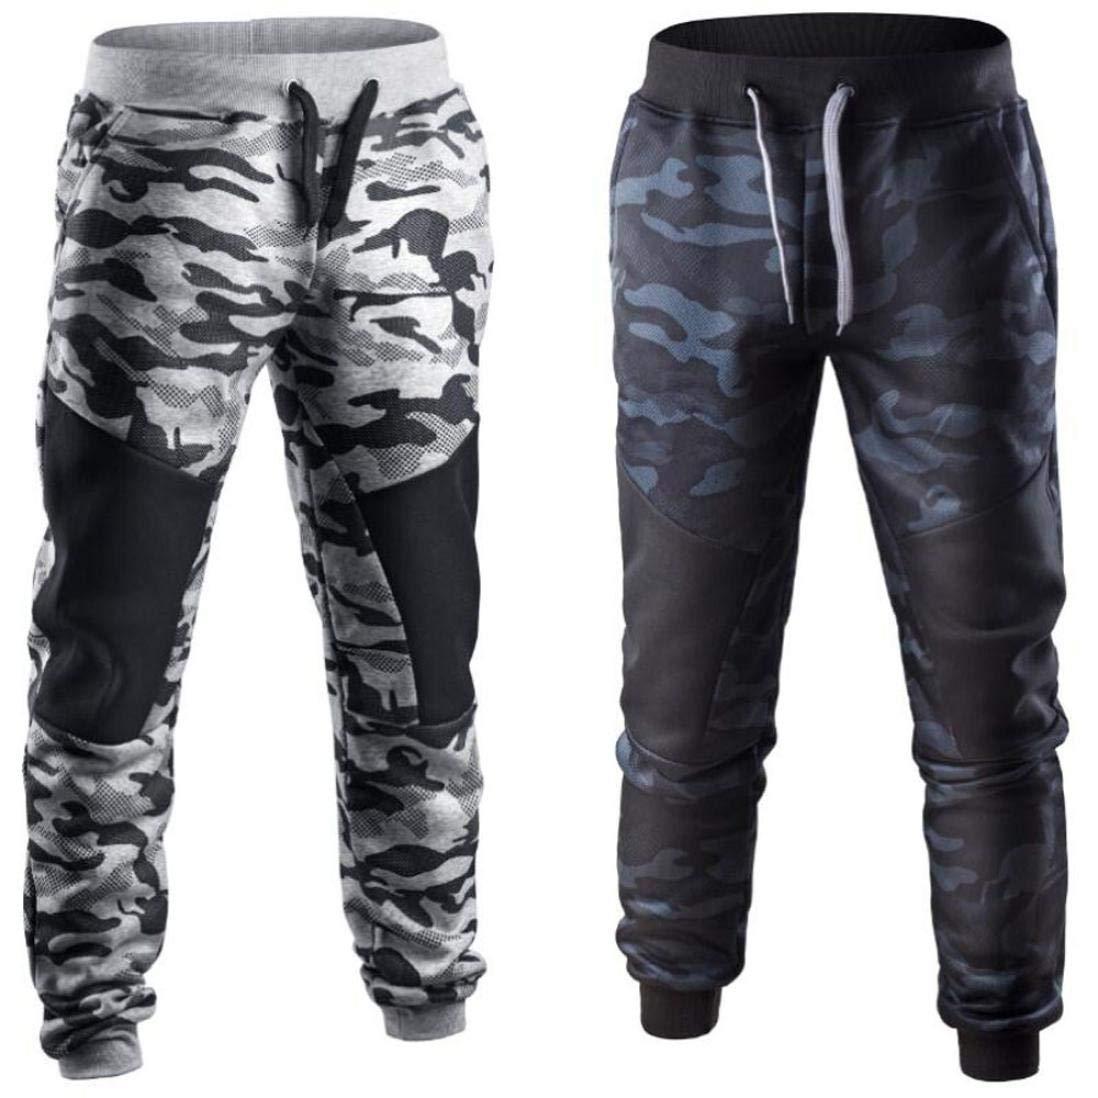 ♚ Pantalones de chándal con Cordones Hombres,Pantalones de Camuflaje de Patchwork Casual de Primavera Absolute: Amazon.es: Ropa y accesorios